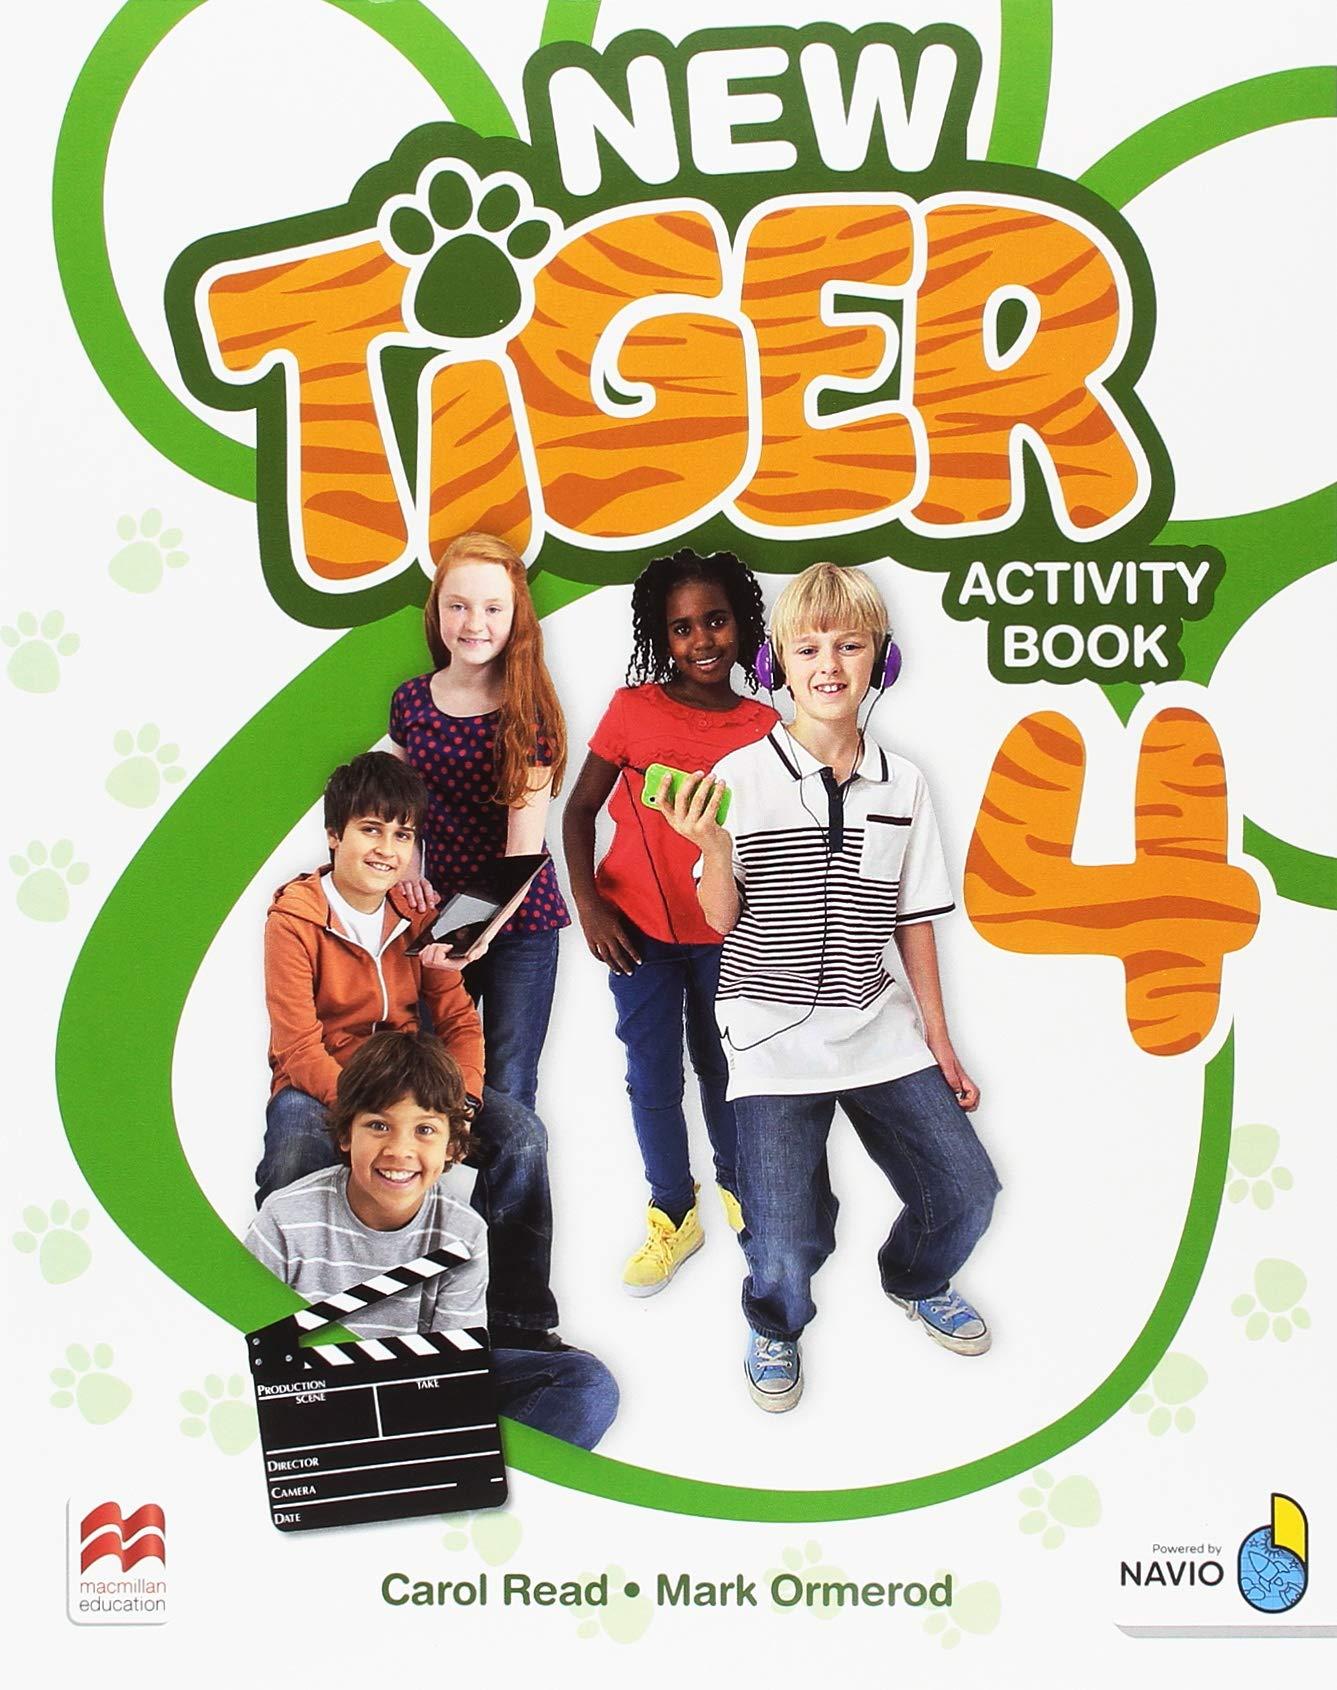 NEW TIGER 4 Ab Pk: Amazon.es: C. Read, M. Ormerod: Libros en ...